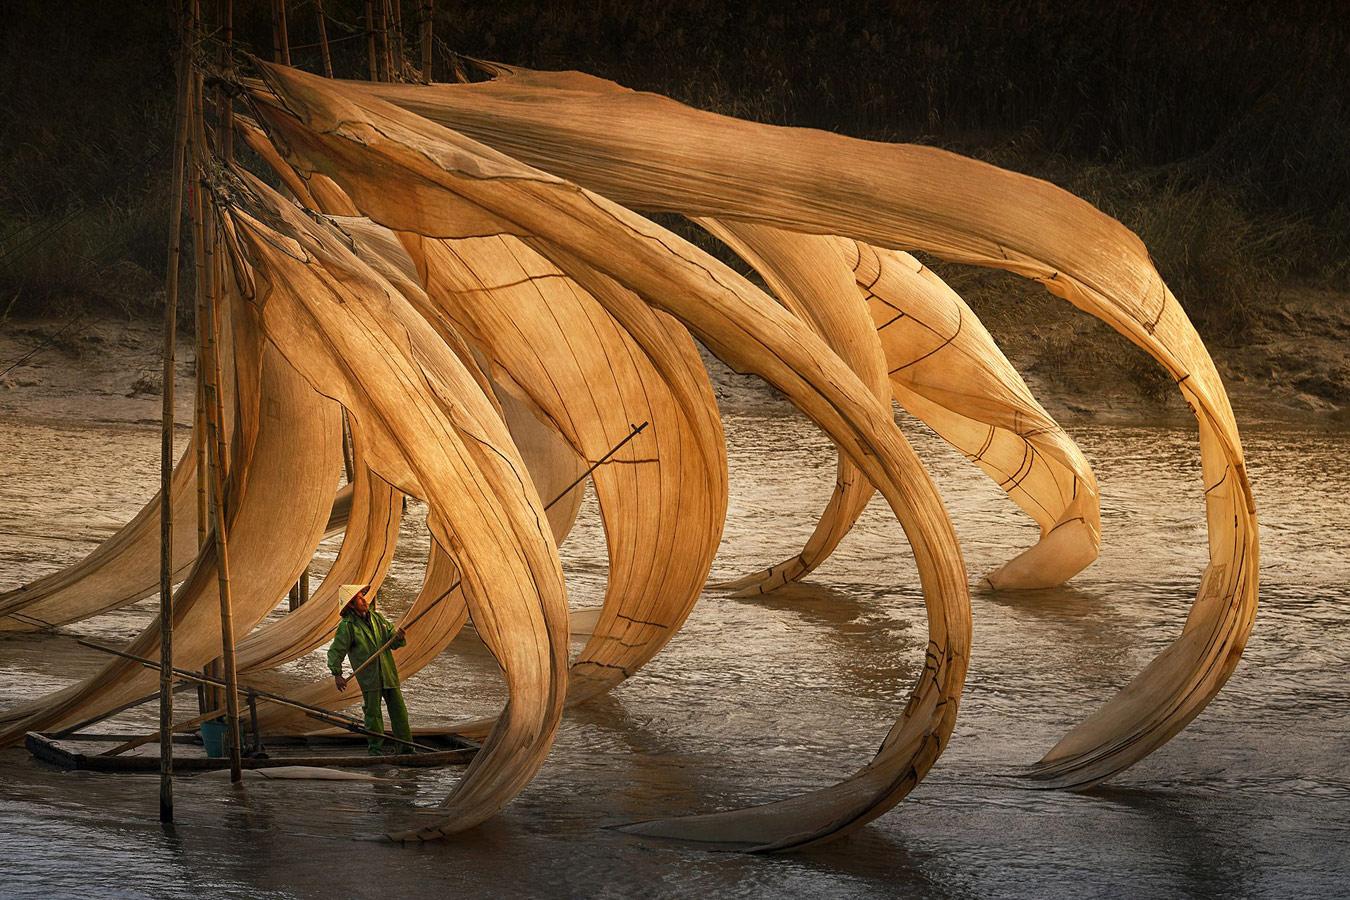 Летающие рыболовные снасти, © Дэнни Йен Син Вонг, Малайзия, 3 место, Фотоконкурс Siena